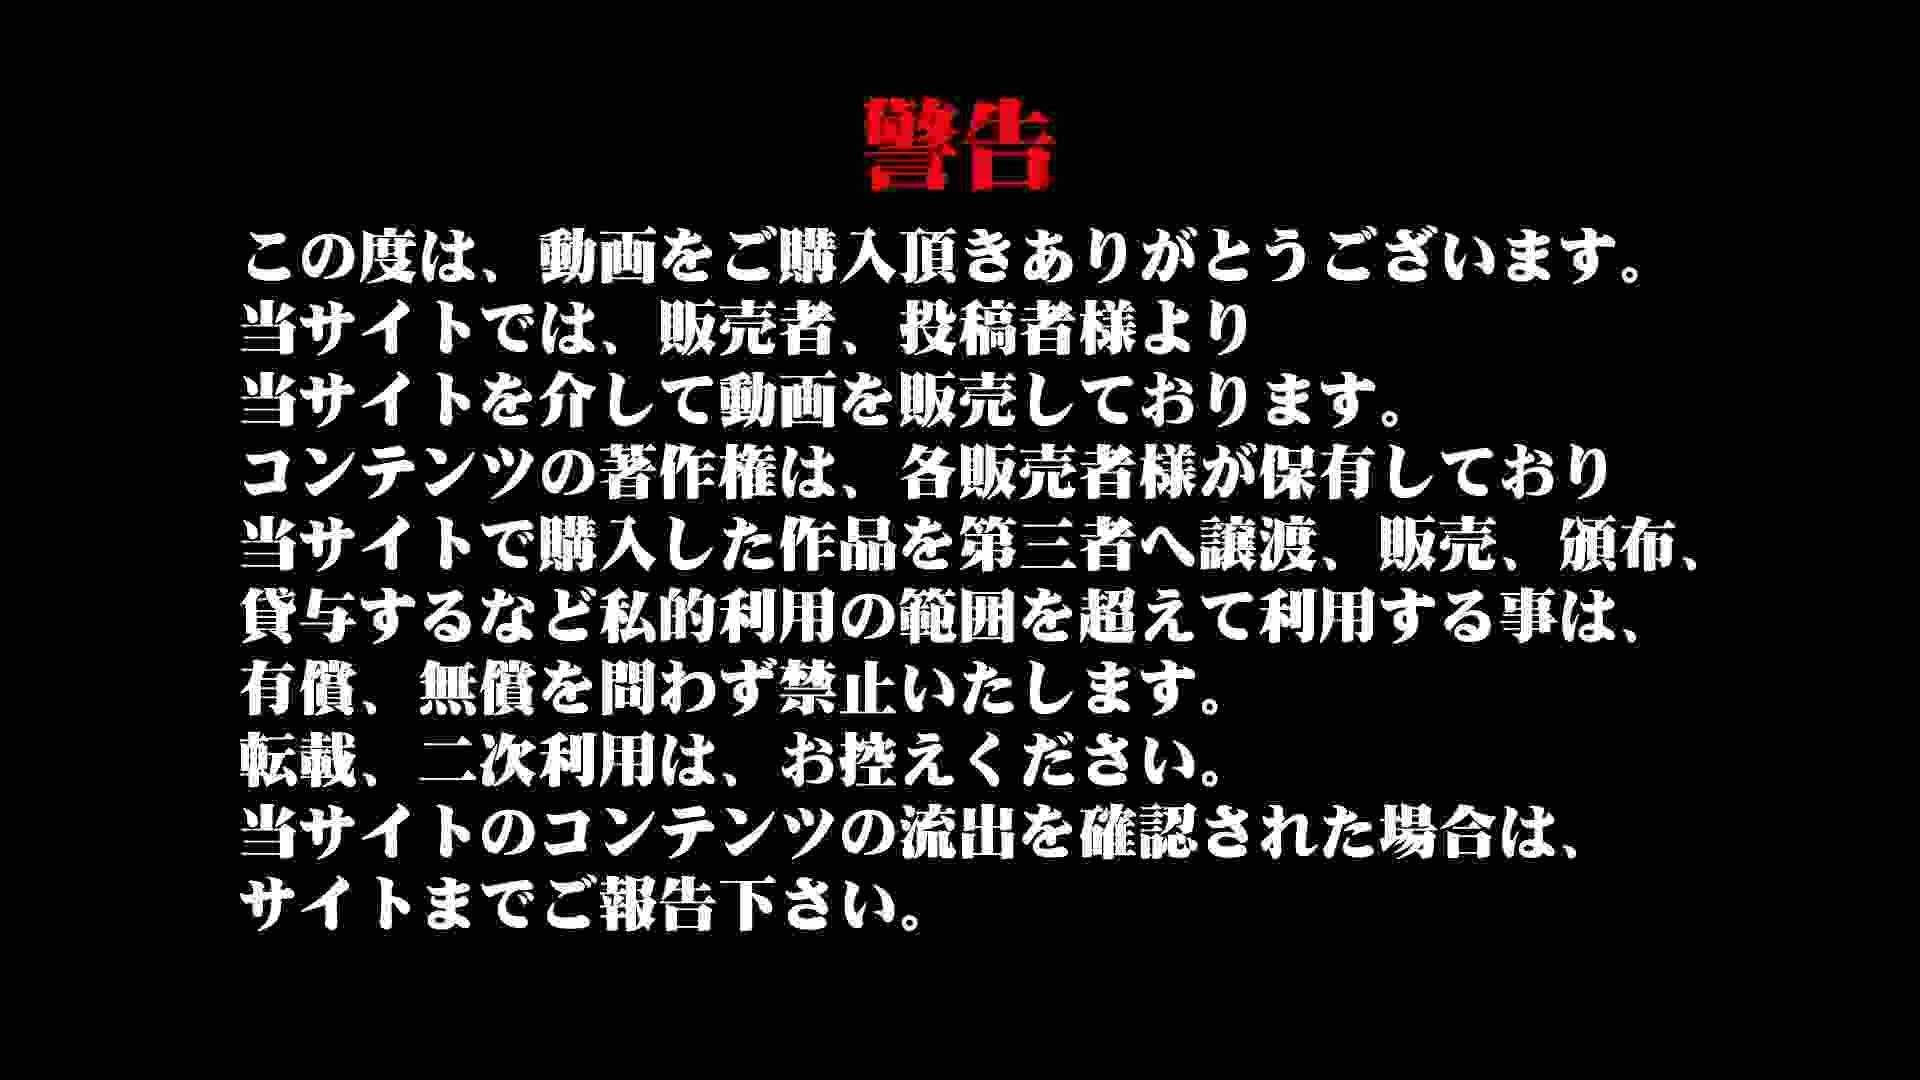 ヒトニアラヅNo.04 六本木NO1 姿、流れ、予告編公開!! おまんこ無修正 | ギャル盗撮映像  75PIX